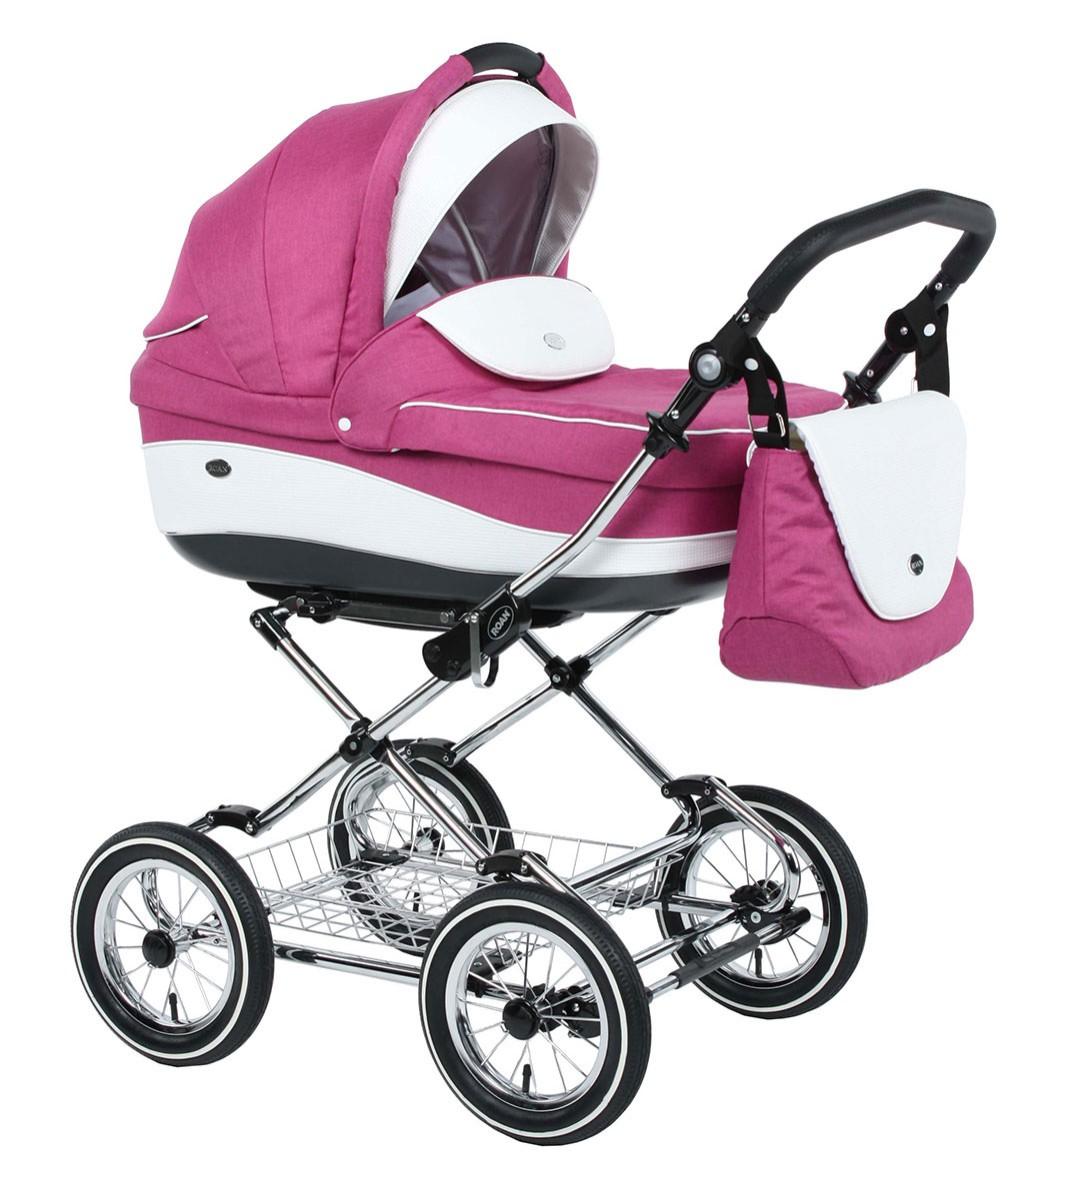 Детская коляска для новорожденных 3 в 1, Roan Emma - Роан Эмма, новинка, самая модная коляска для новорожденных, модные коляски, купить коляску для новорожденного, детские коляски роан, детские коляски roan, Roan Emma, цвет RP5